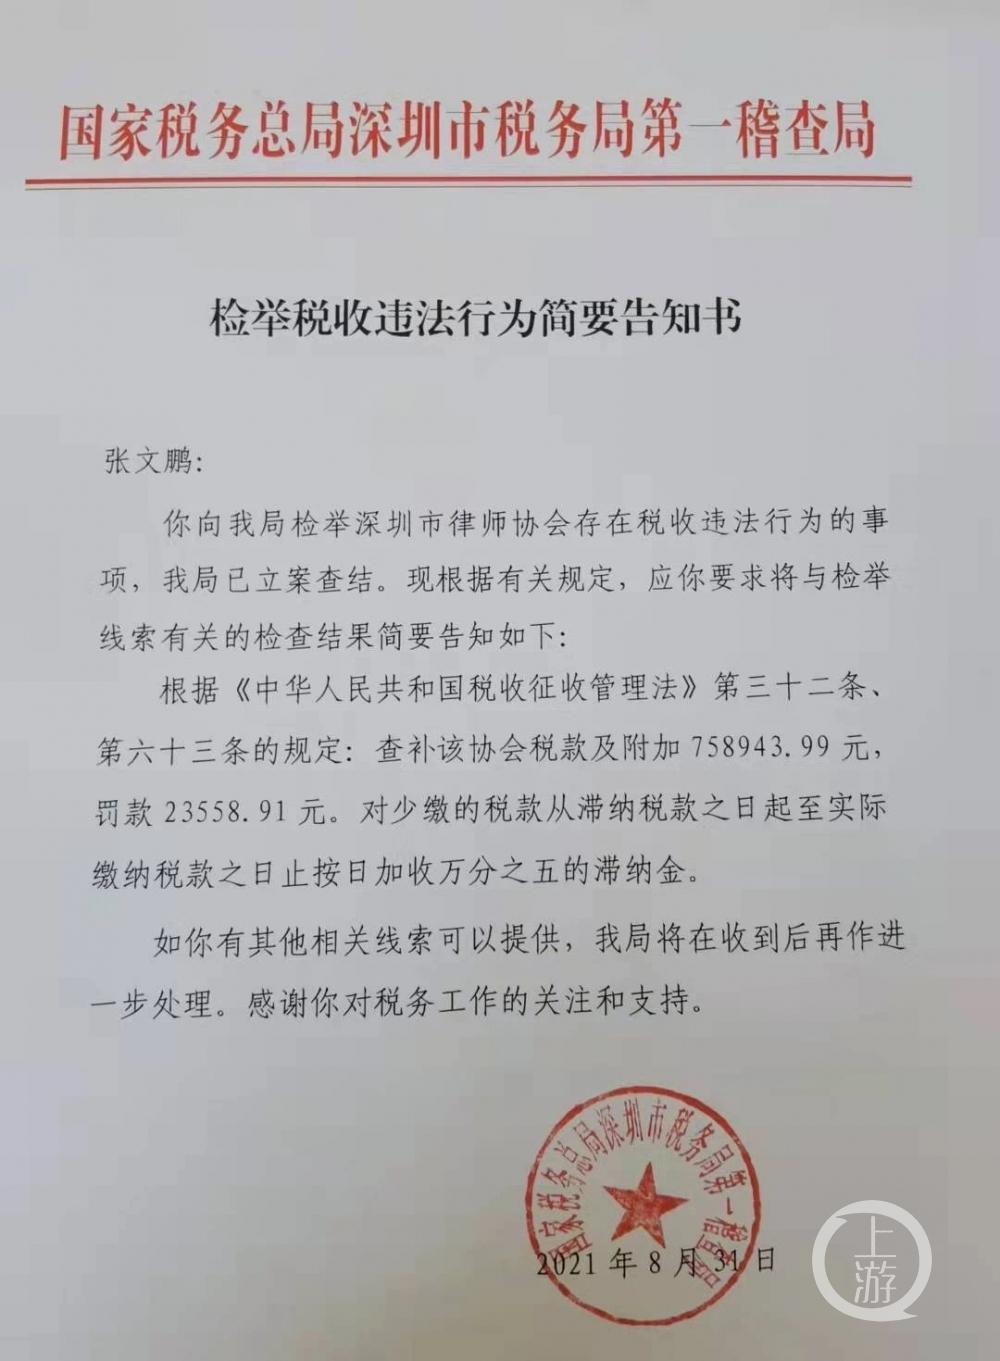 8月31日,深圳税务局第一稽查局向张文鹏出具告知书。图片来源/受访者供图